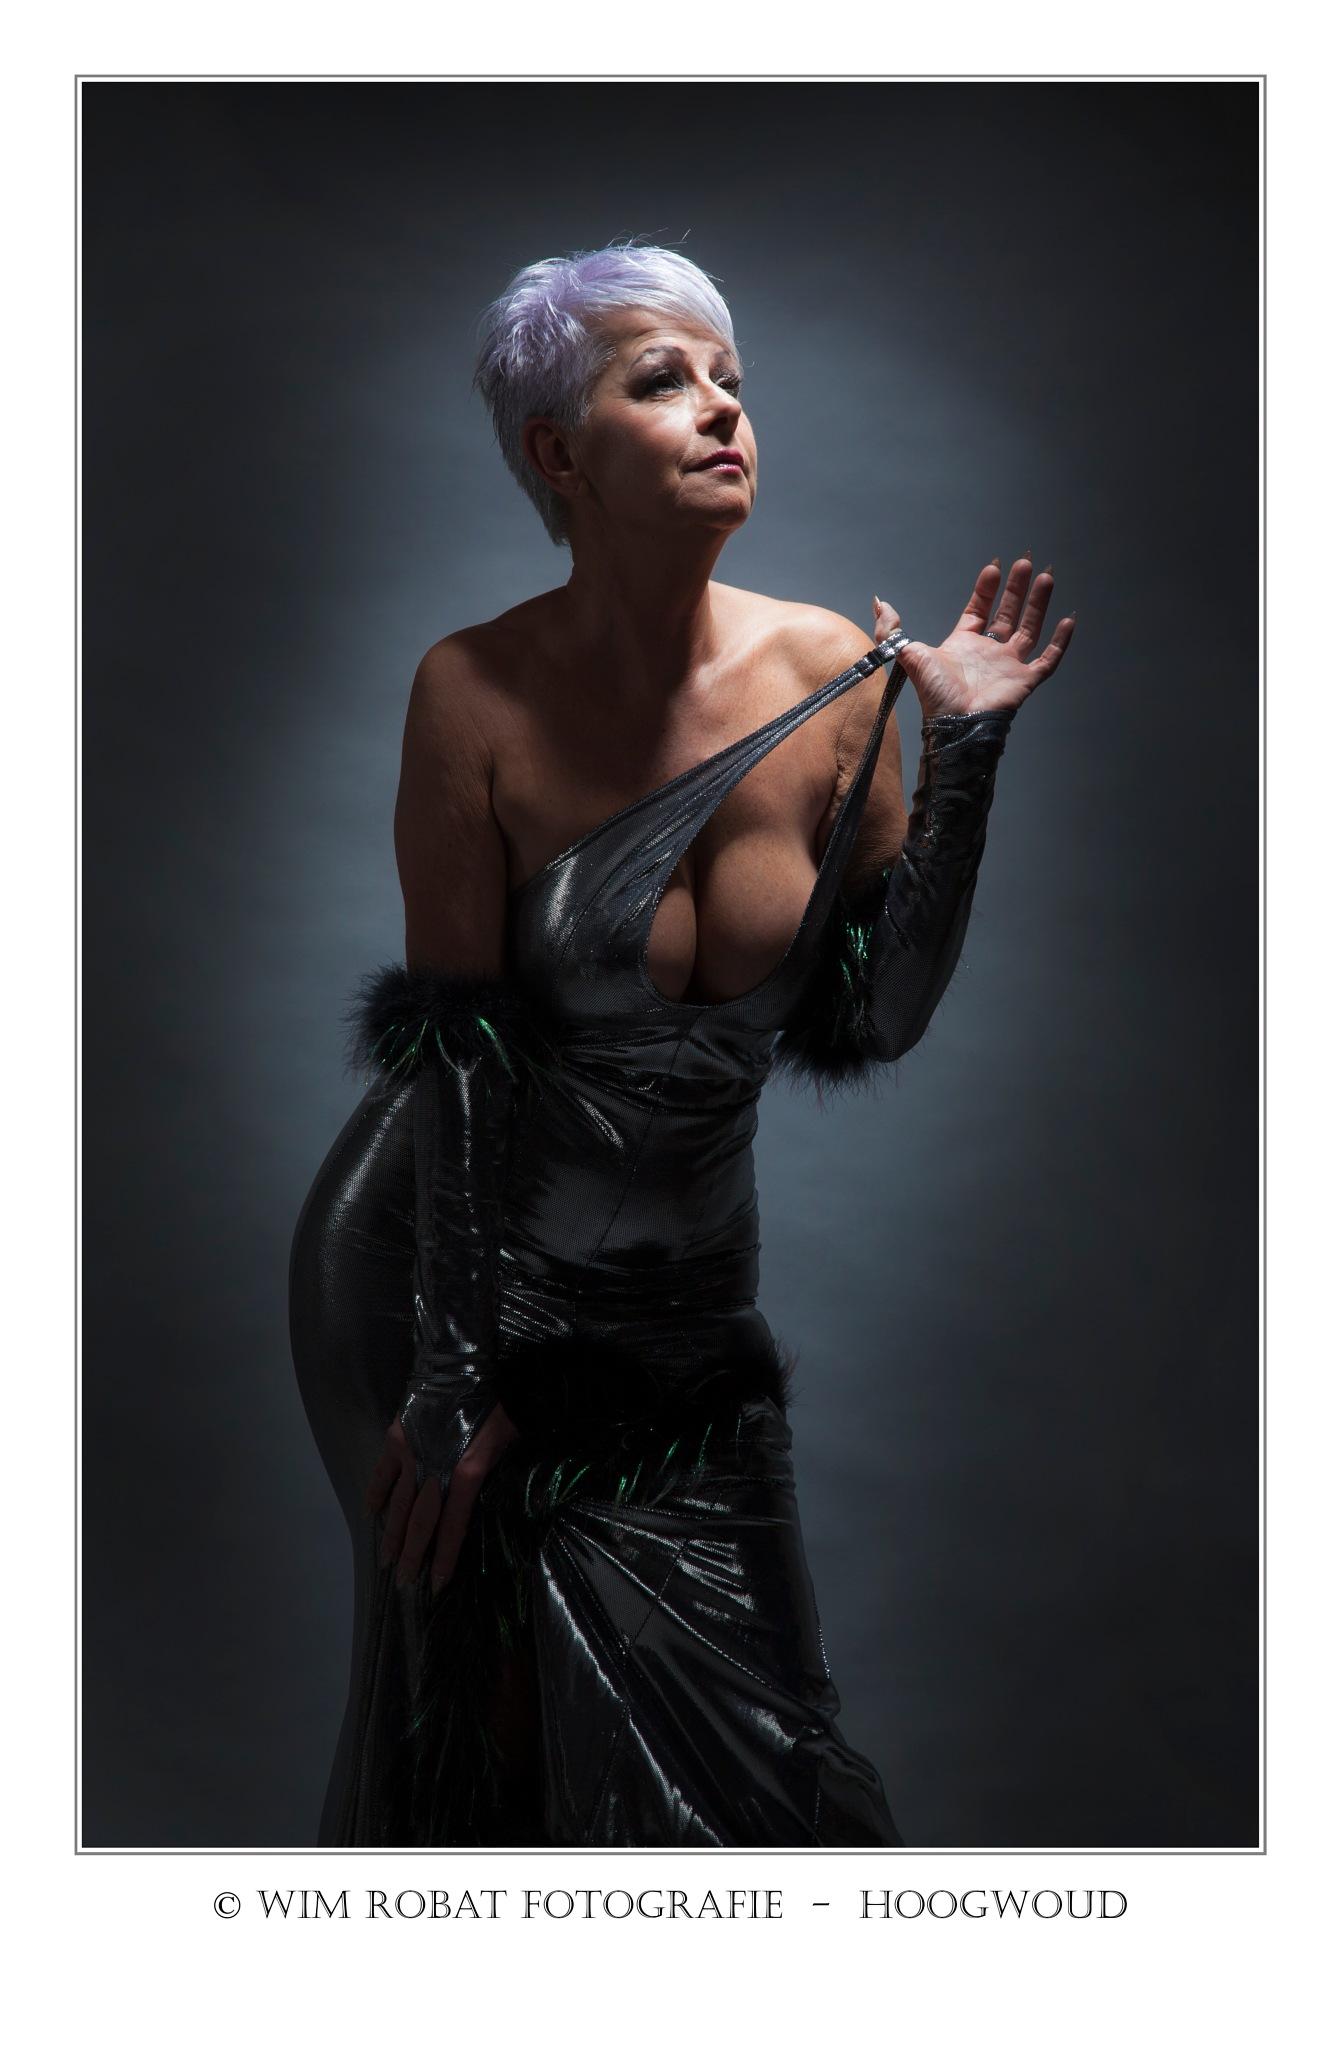 Me - Model by Wim Robat